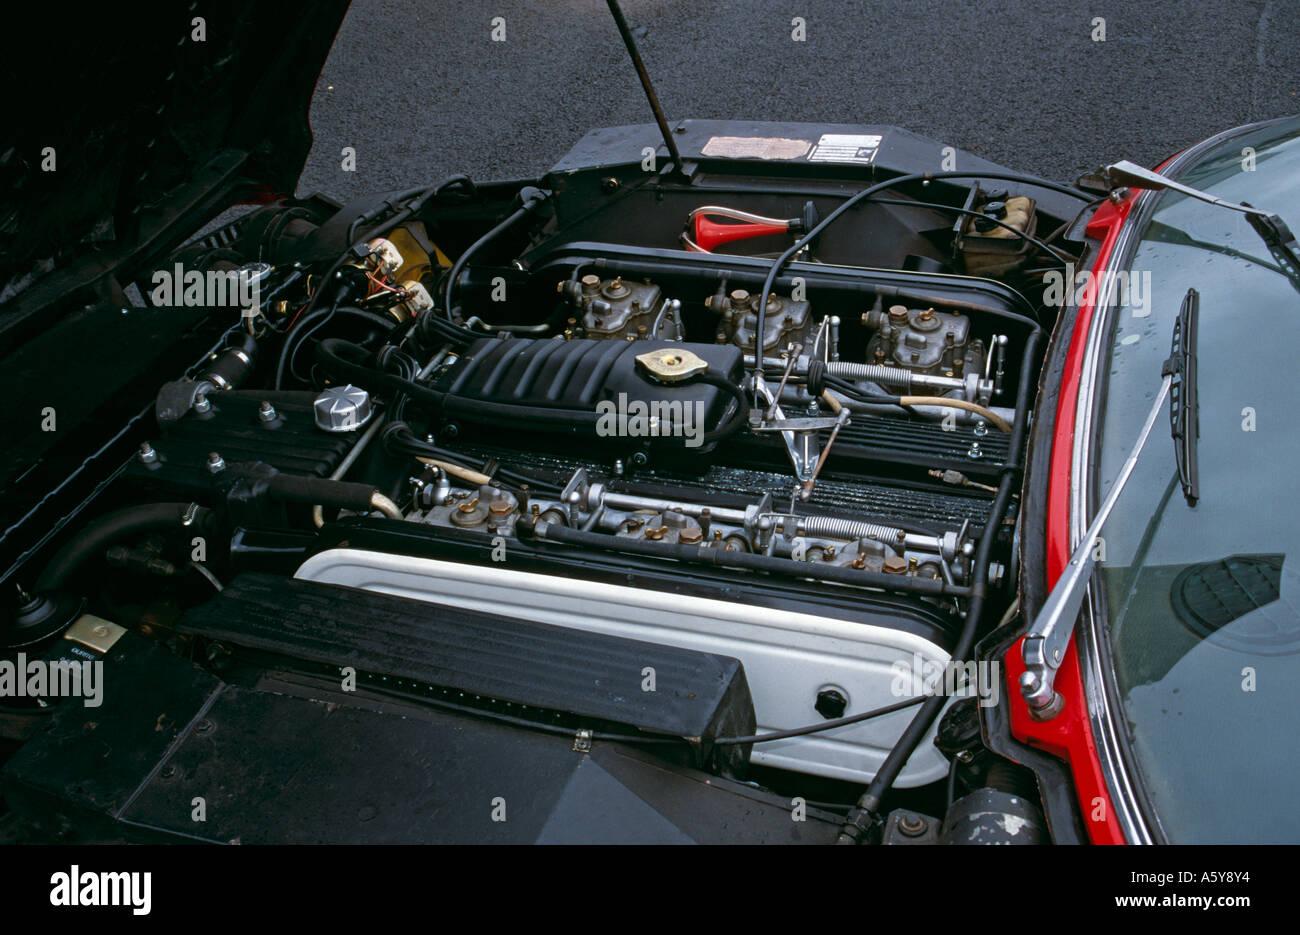 Lamborghini V12 Engine Stock Photos & Lamborghini V12 Engine